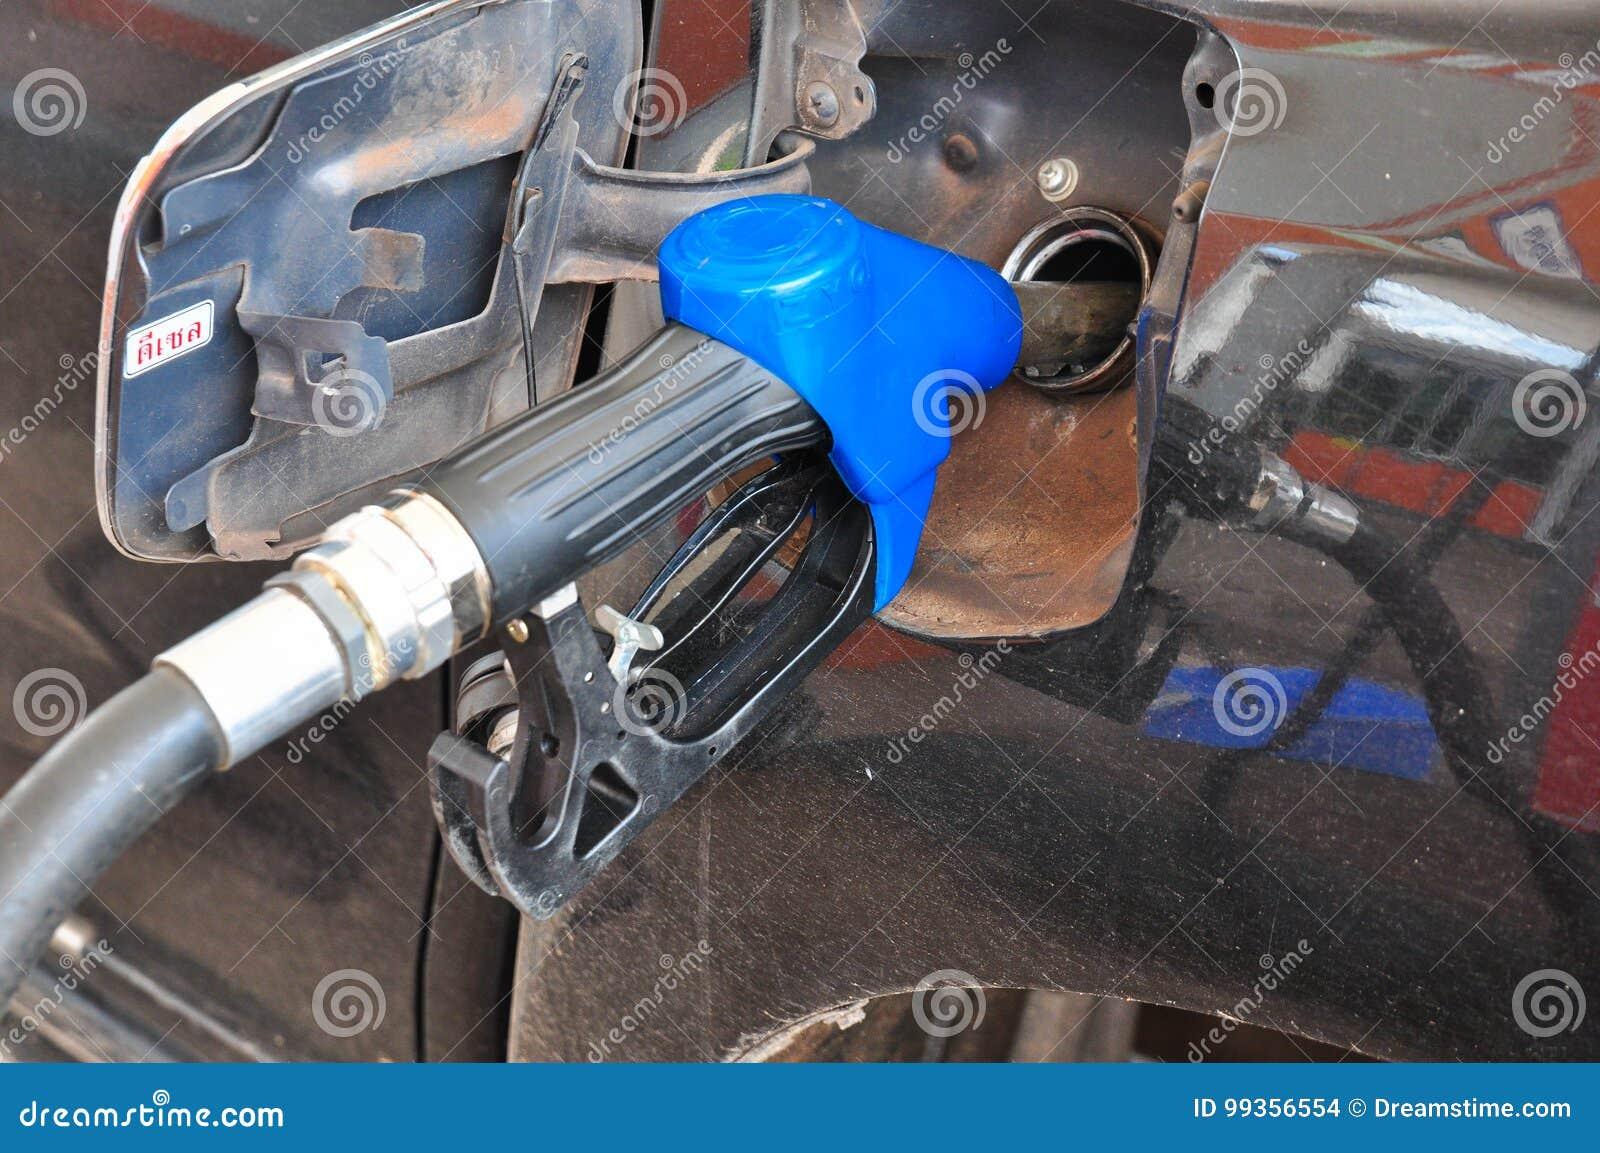 Voeg stookolie aan de auto in de brandstofpomp met toe een automaat selec